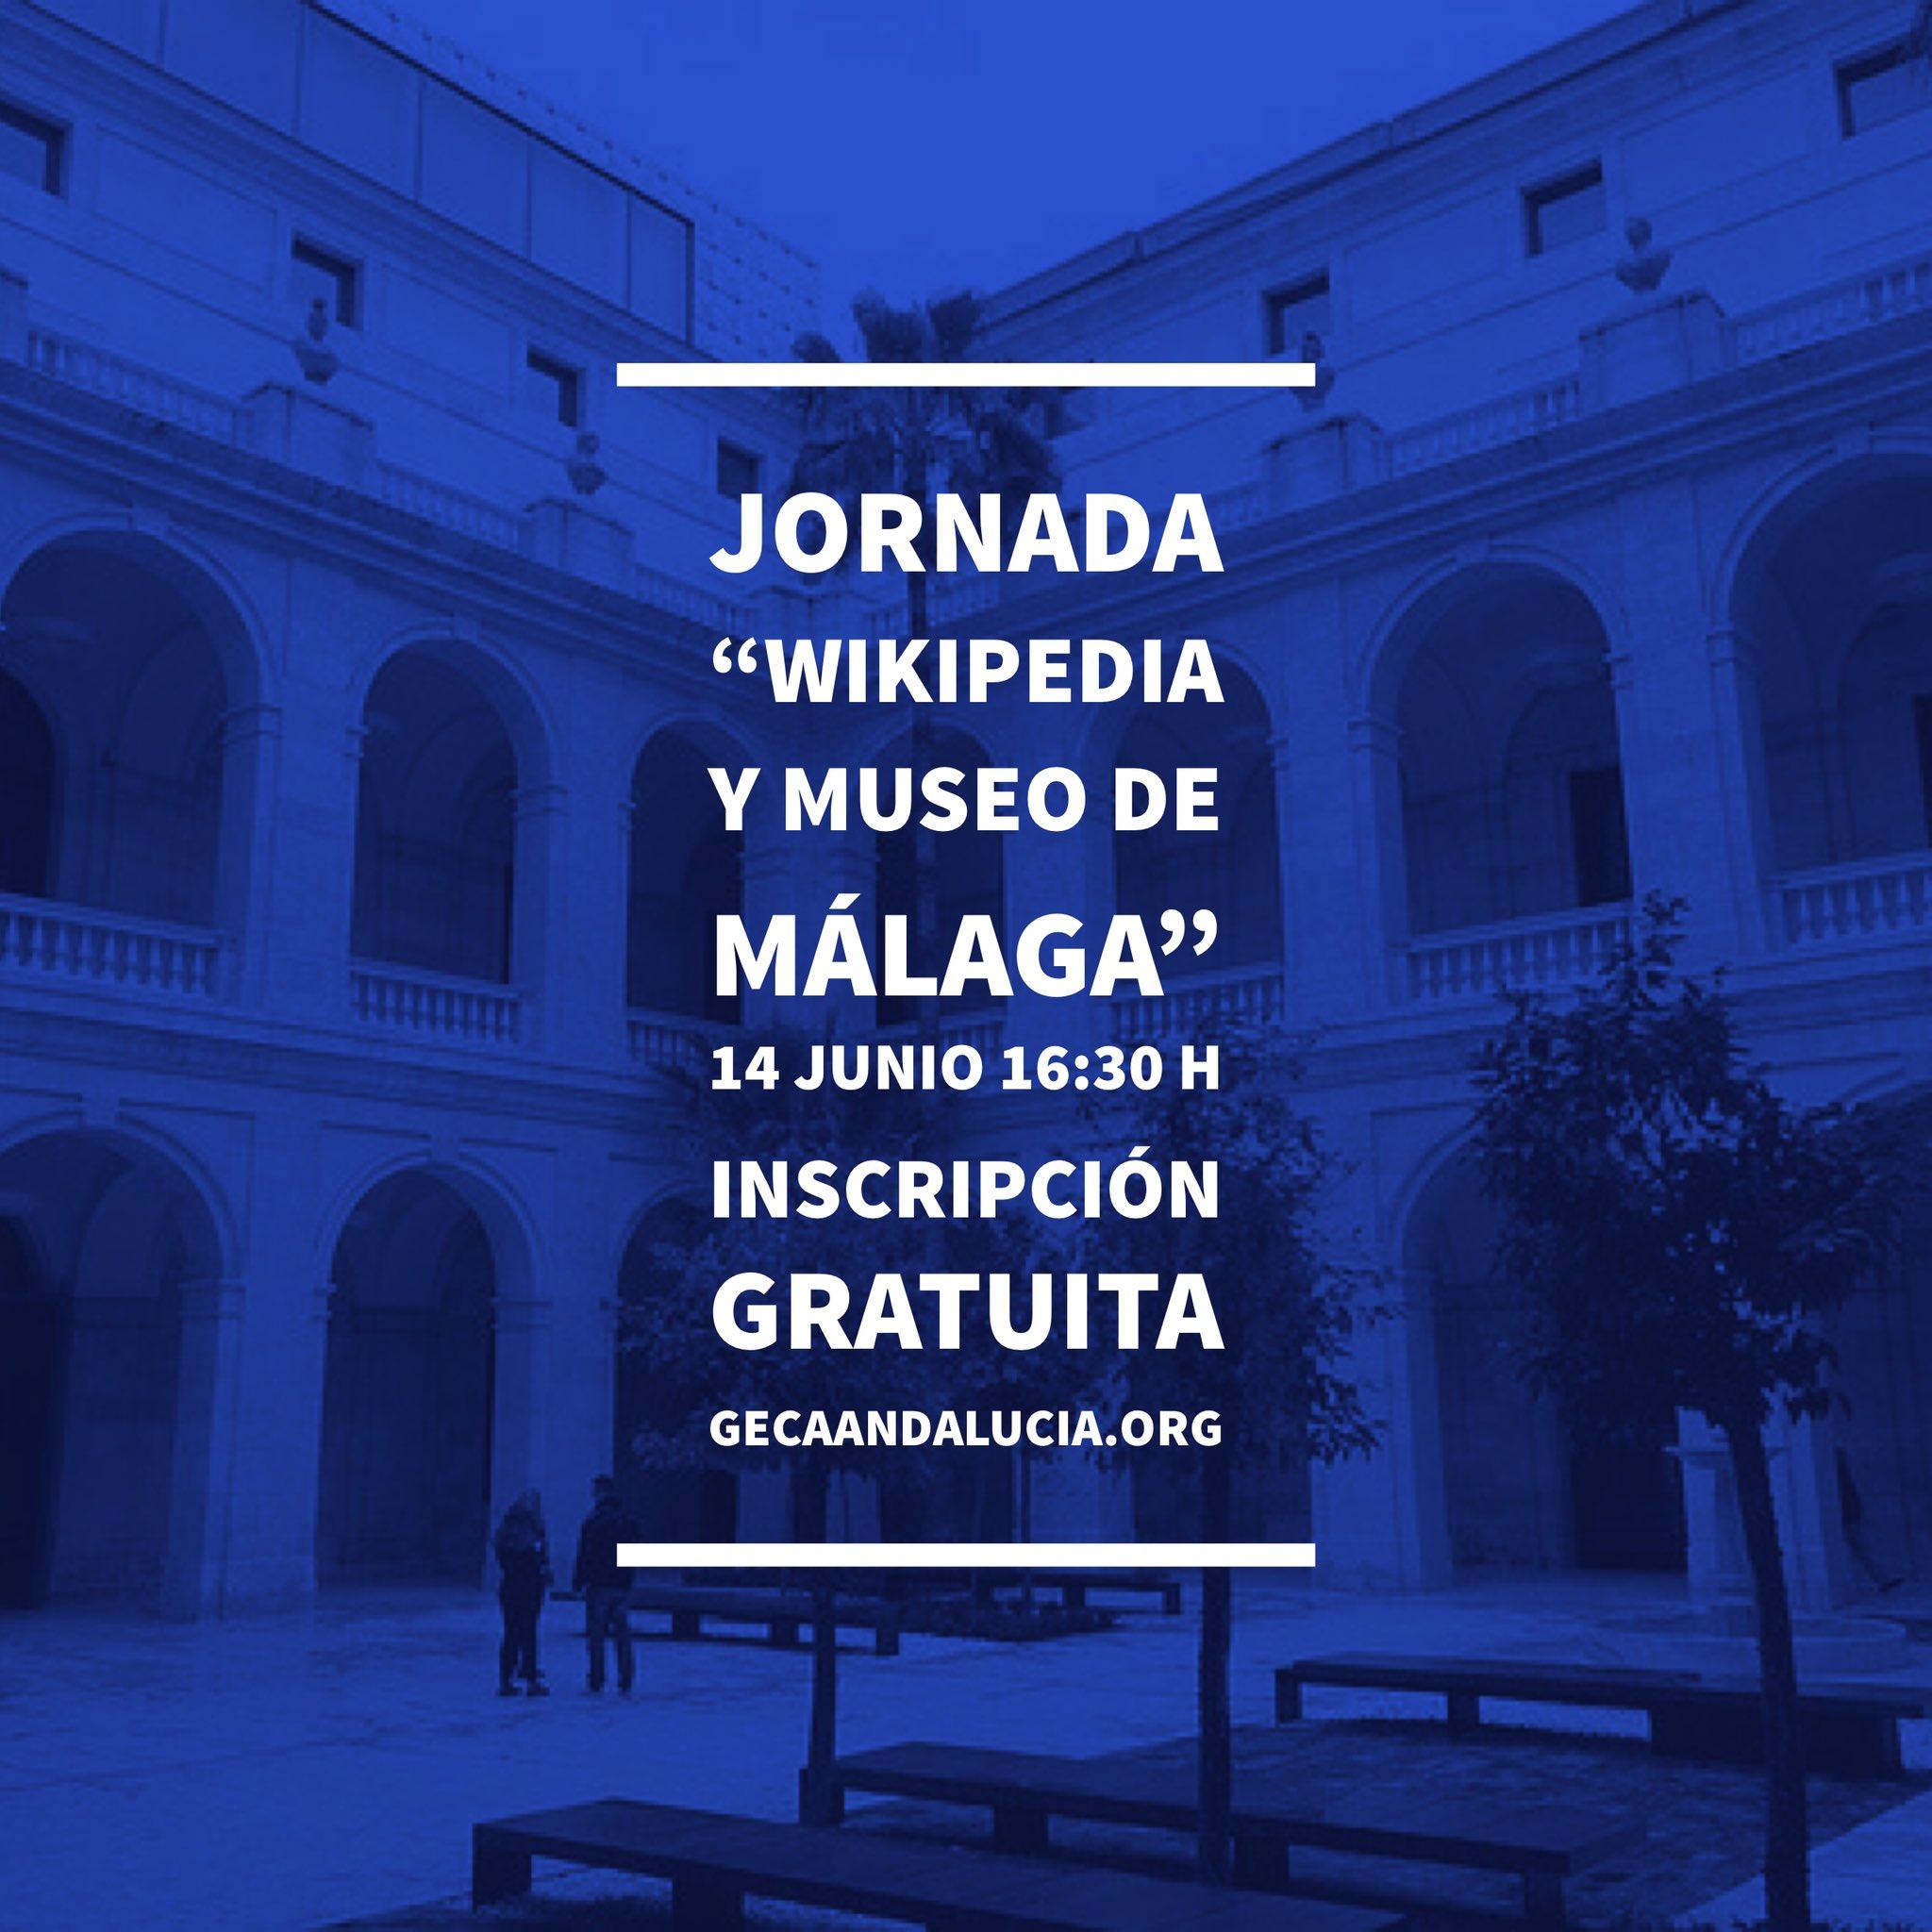 Pues estamos tramando algo con muy buena pinta en #Málaga Wikipedia y #Museos  https://t.co/yLEaWhwoiz https://t.co/0XSbb6P8Dl